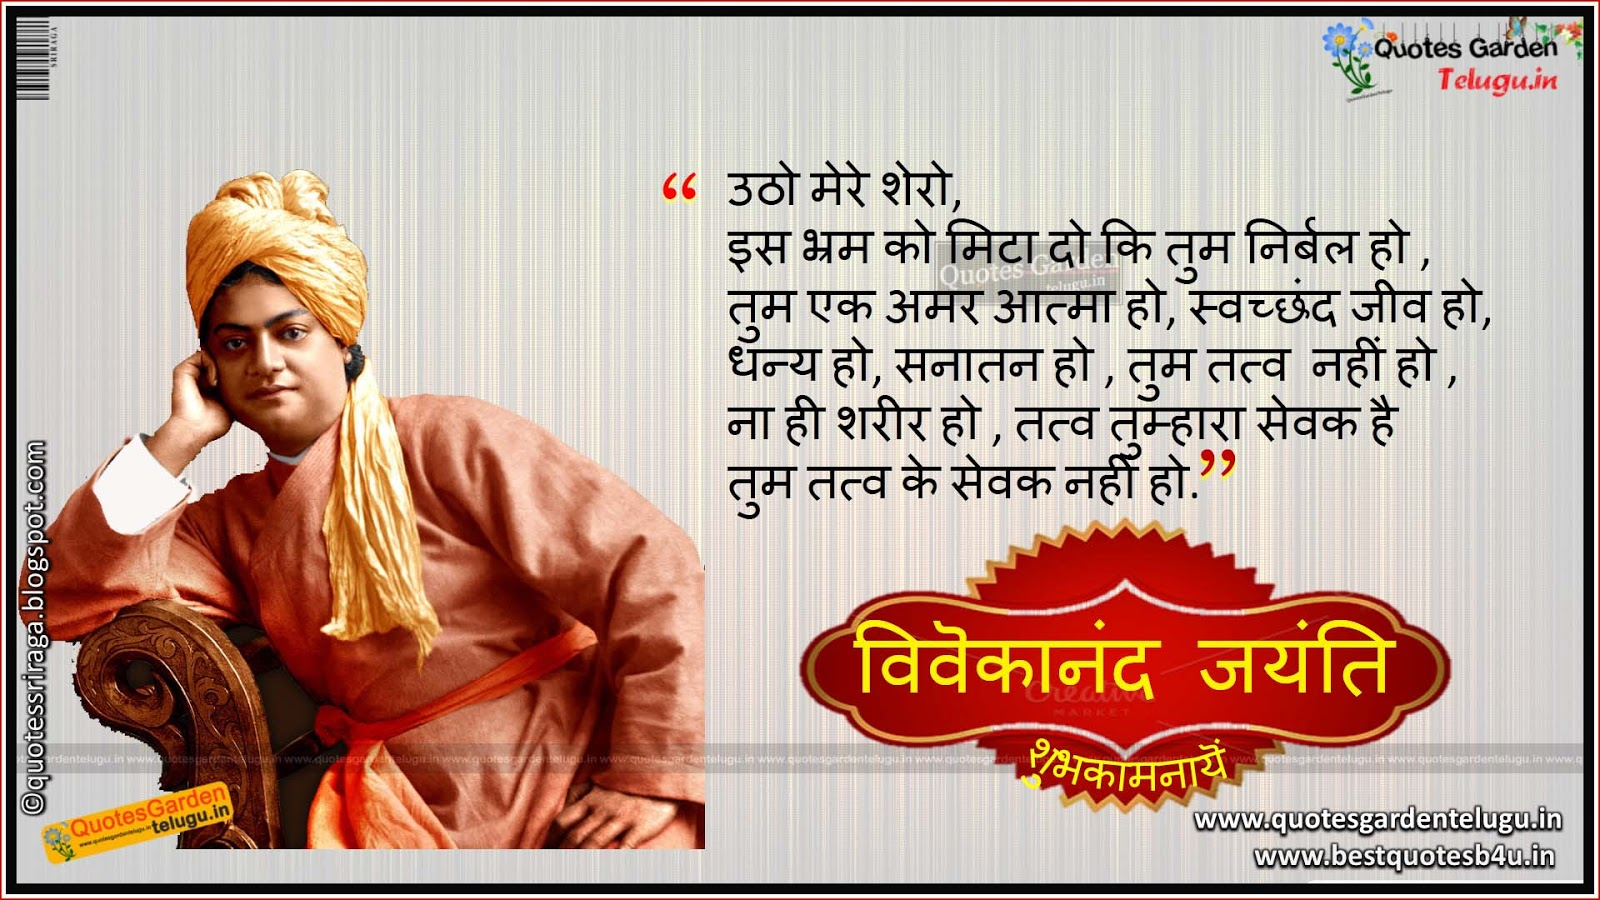 essay on swami vivekananda in hindi स्वामी विवेकानंद का जीवन-दर्शन पर निबन्ध | essay on swami vivekananda 's life in hindi.